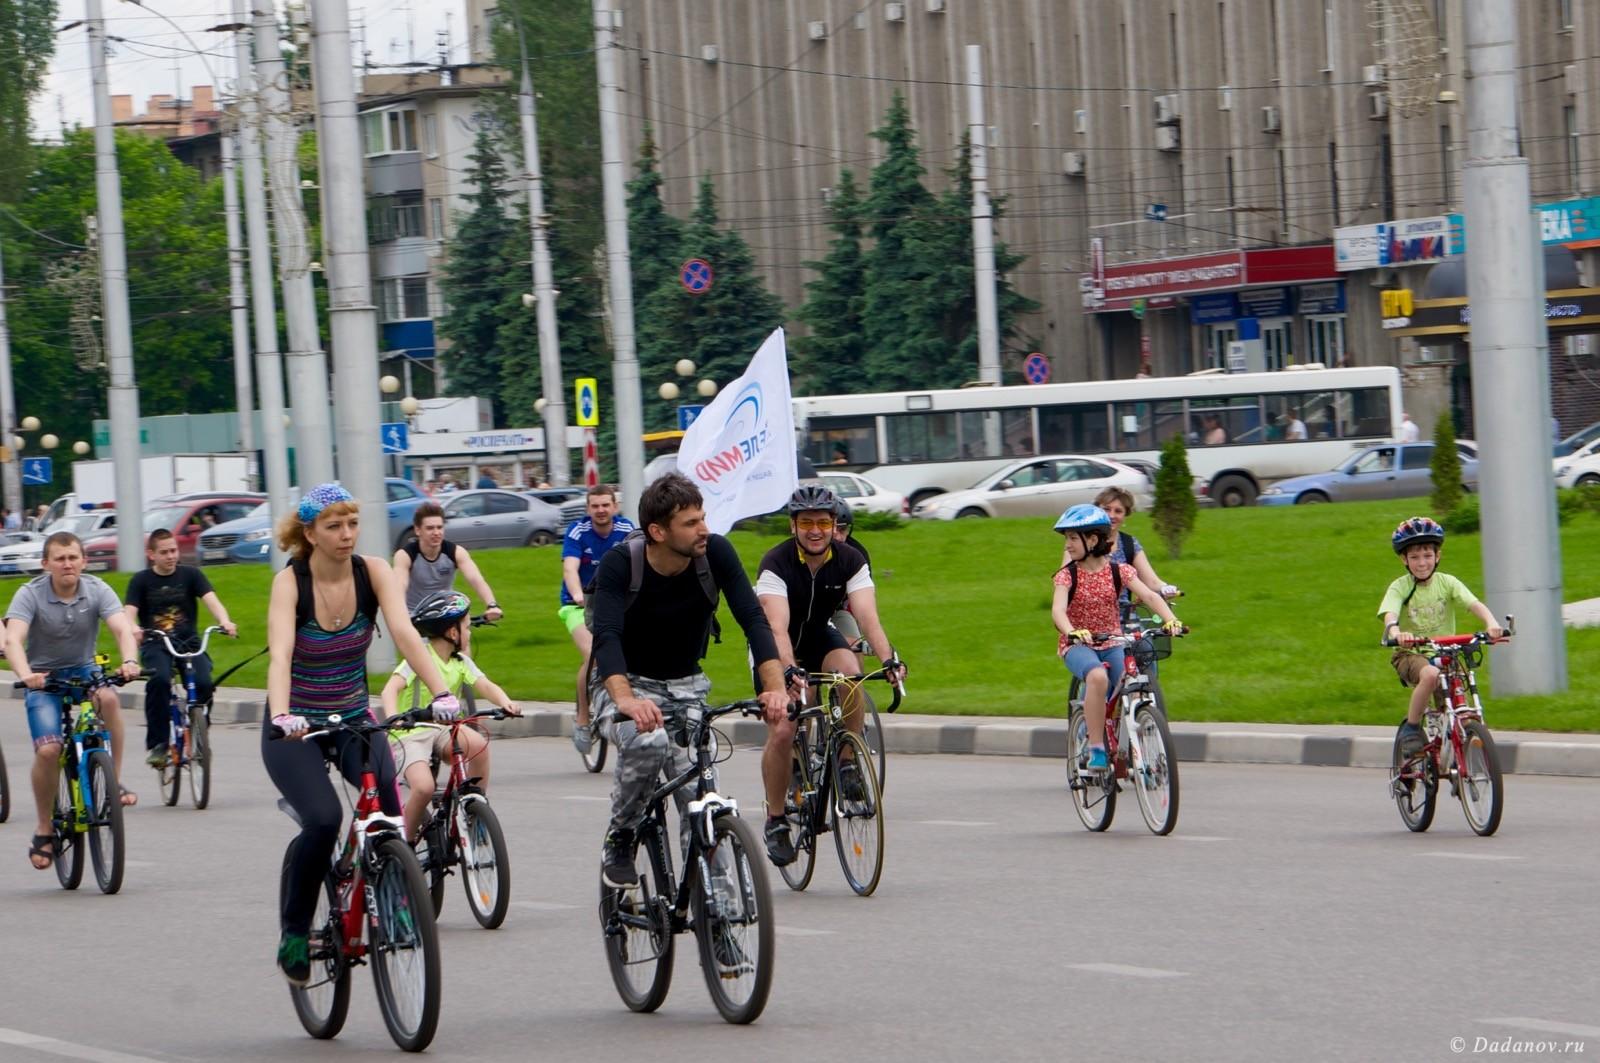 Велодень 2016 в Липецке состоялся. Фотографии с мероприятия 3020